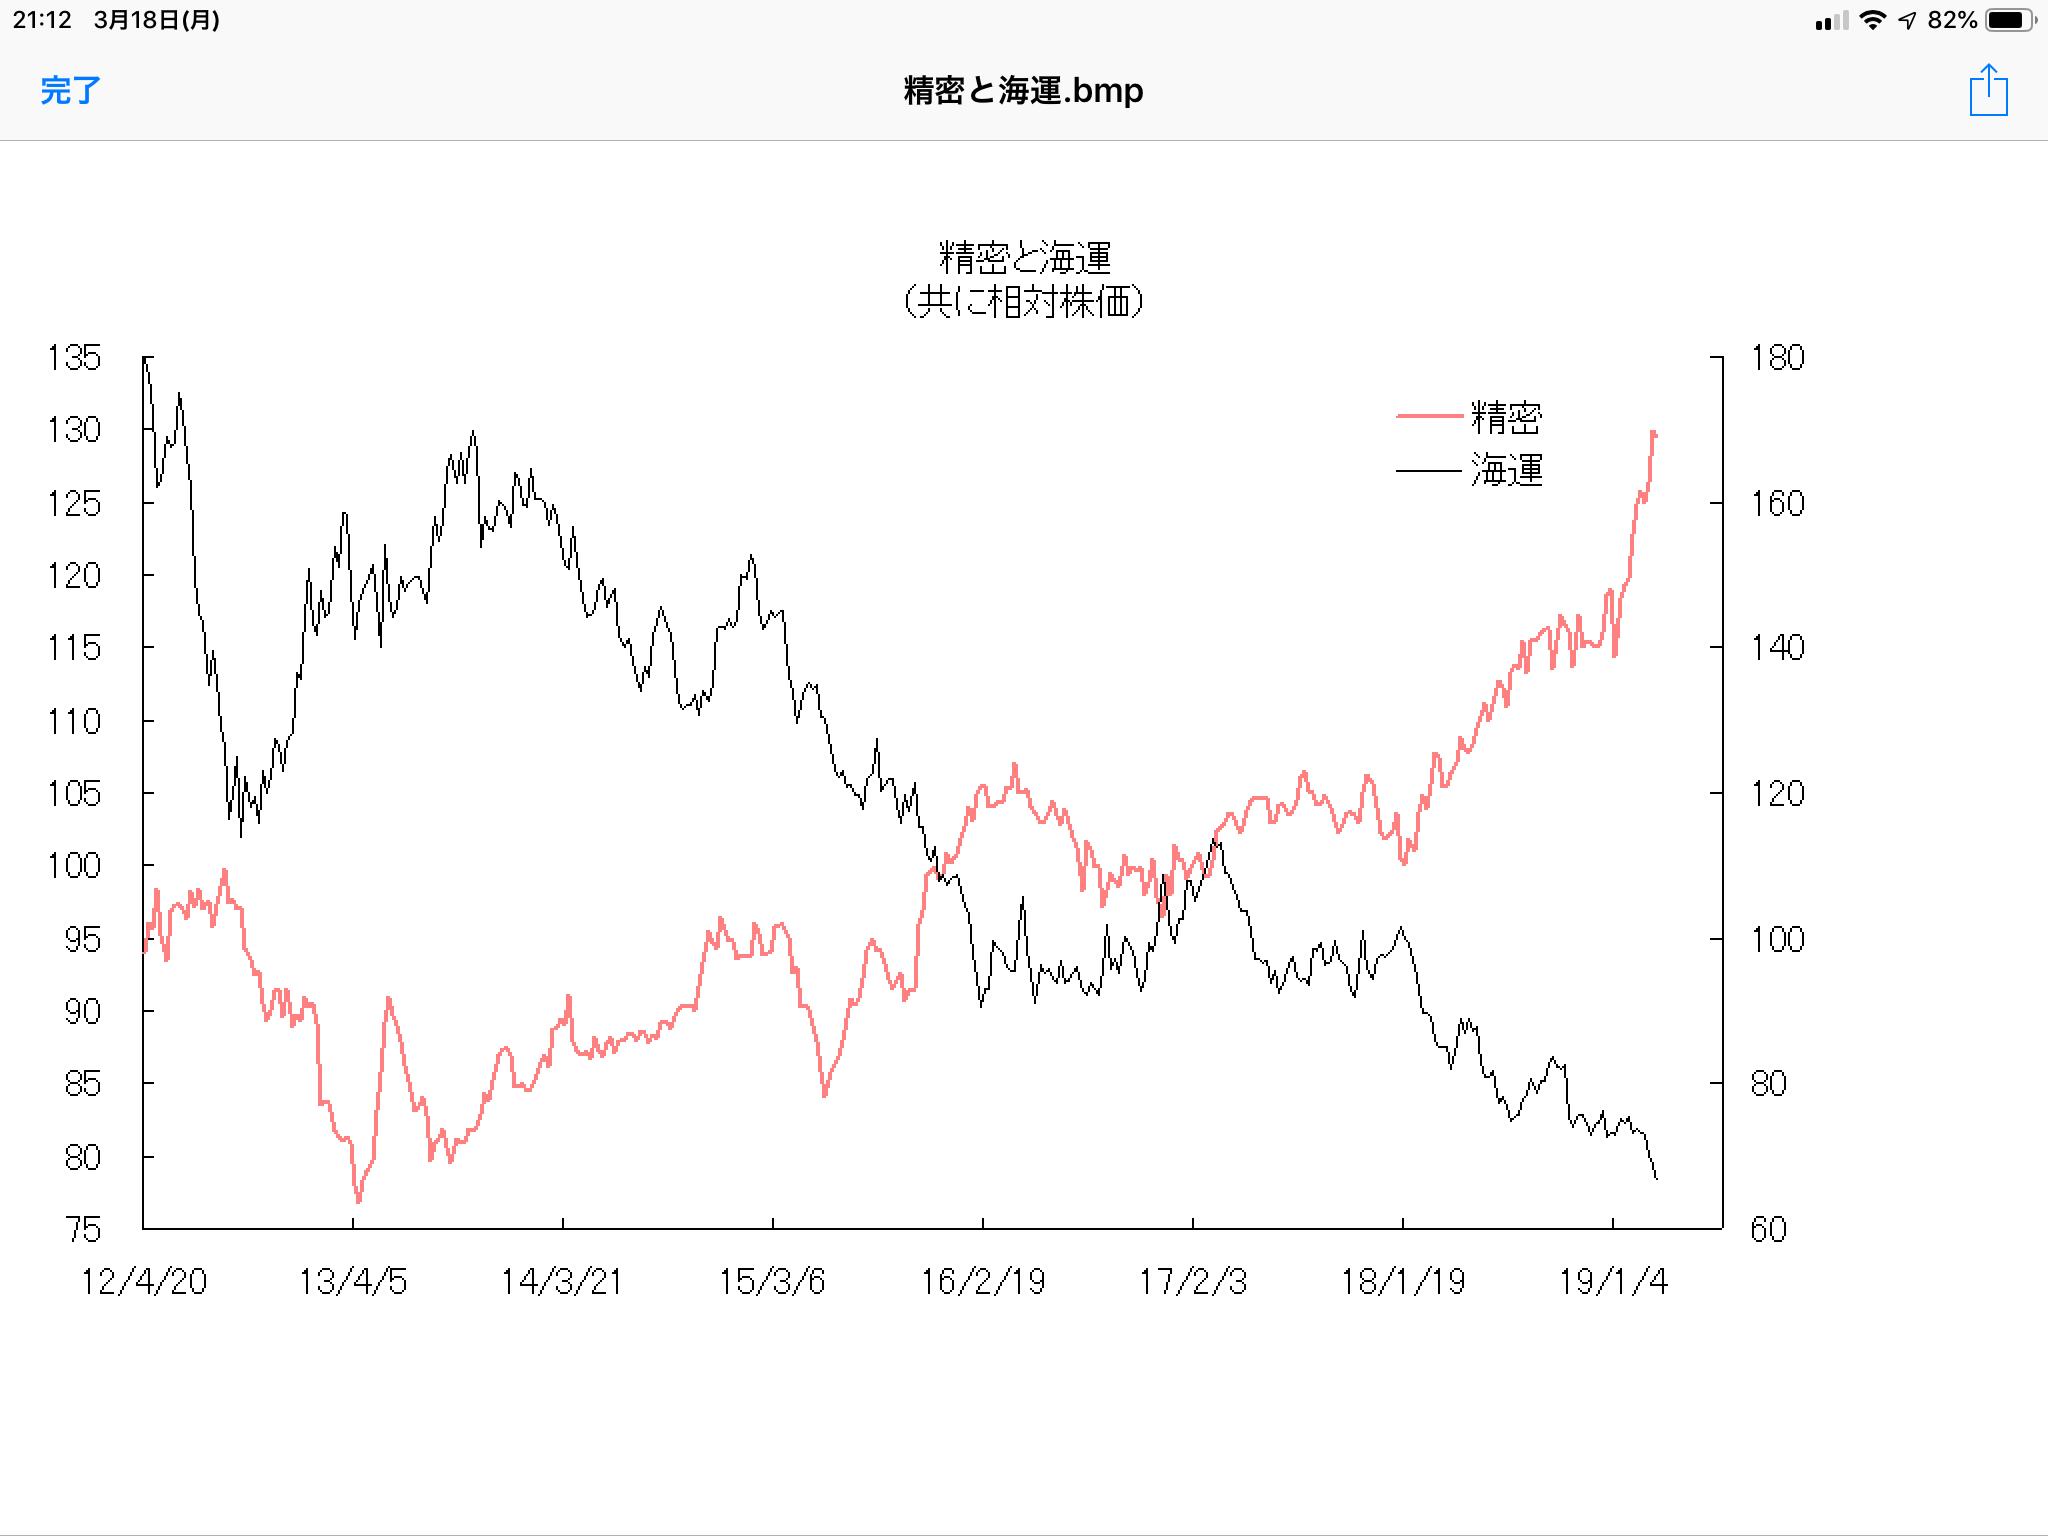 精密株と海運株の逆相関に注目 - 相場研究家 市岡繁男のほぼ一日一図